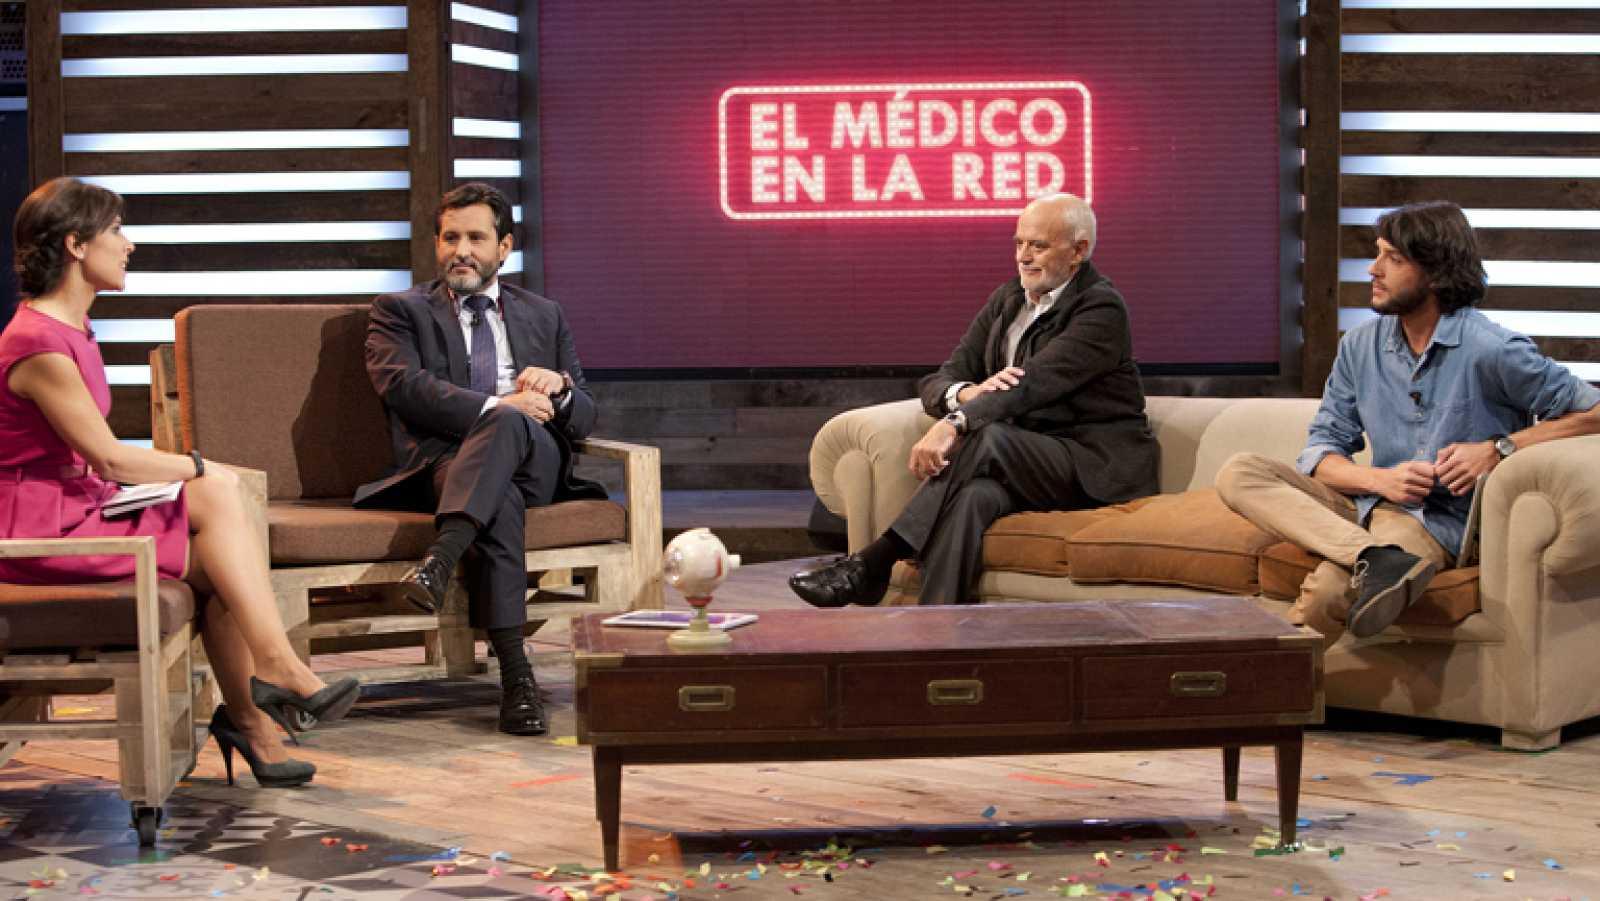 """El debate: """"El médico en la Red"""", ¿internet nos ha vuelto hipocondríacos? - Ver ahora"""